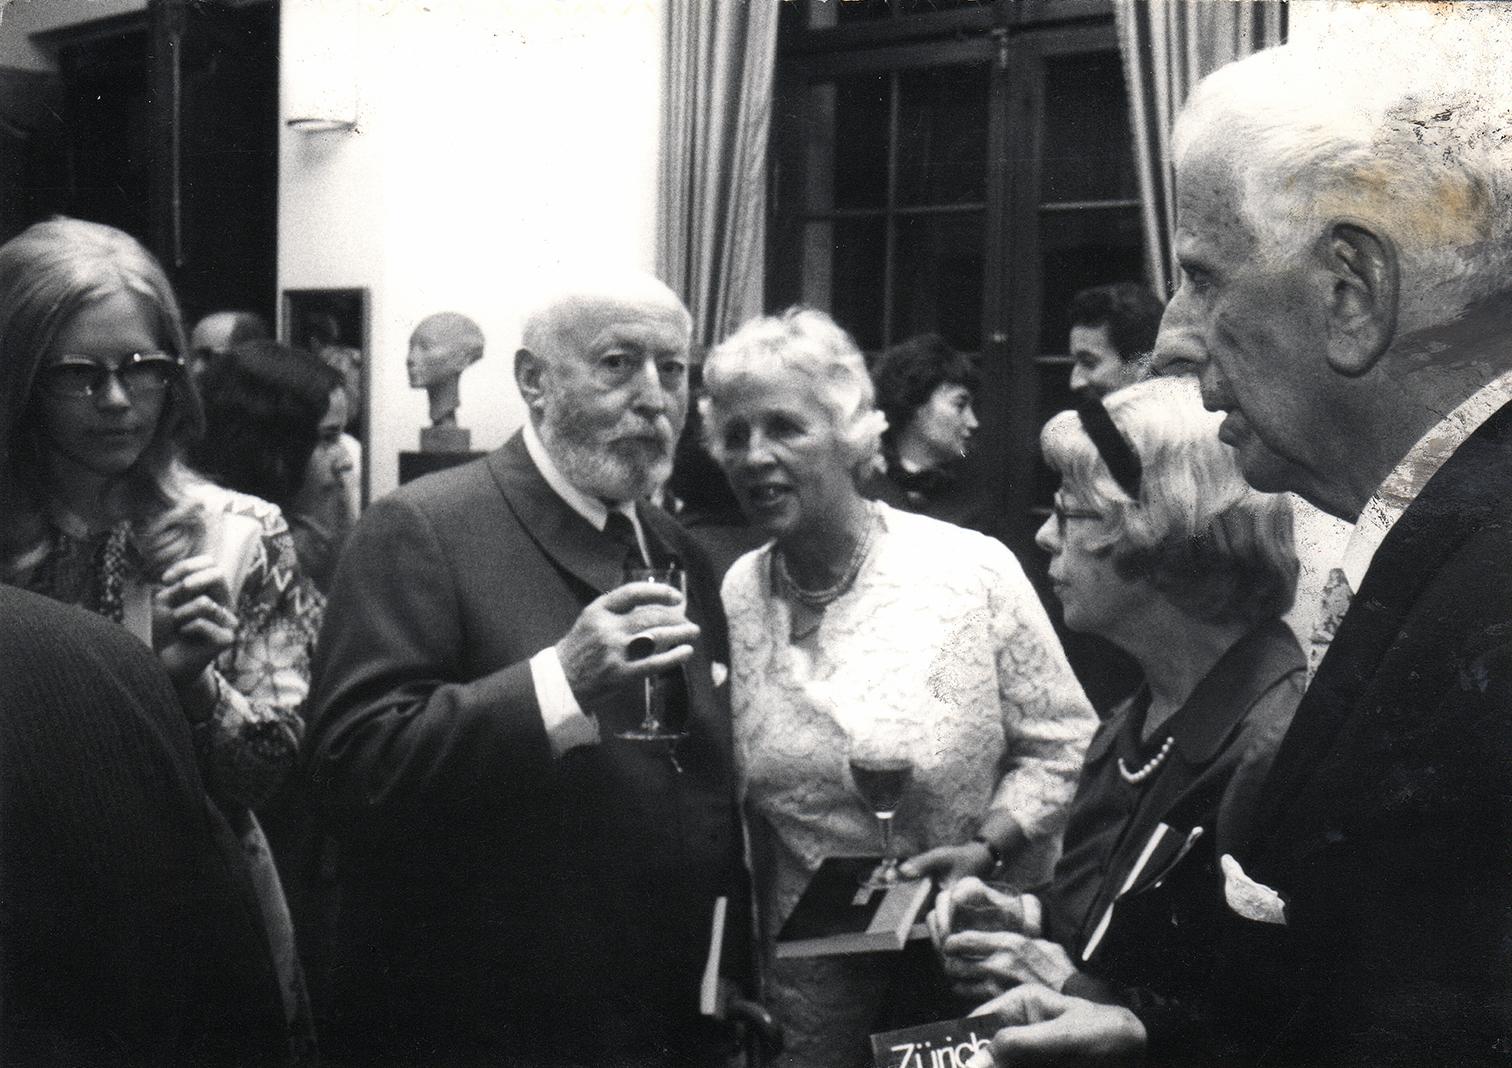 En1973, l'Union Internationale pour les Livres de Jeunesse (IBBY) fête ses vingt ans à Zurich.